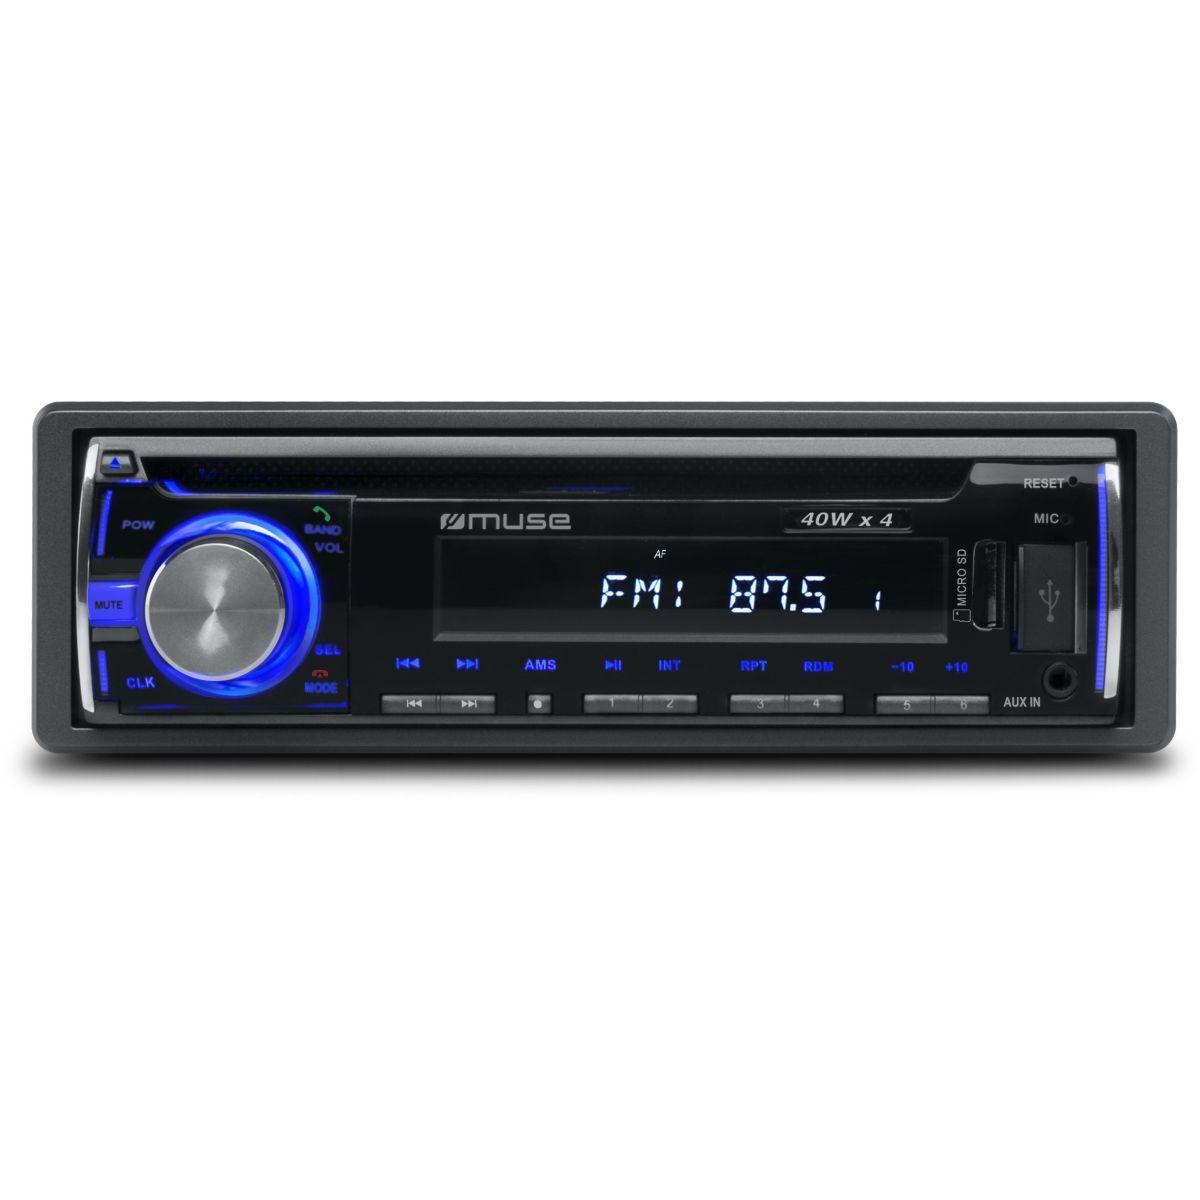 Autoradio cd muse m-1229 bt - 7% de remise imm�diate avec le code : deal7 (photo)